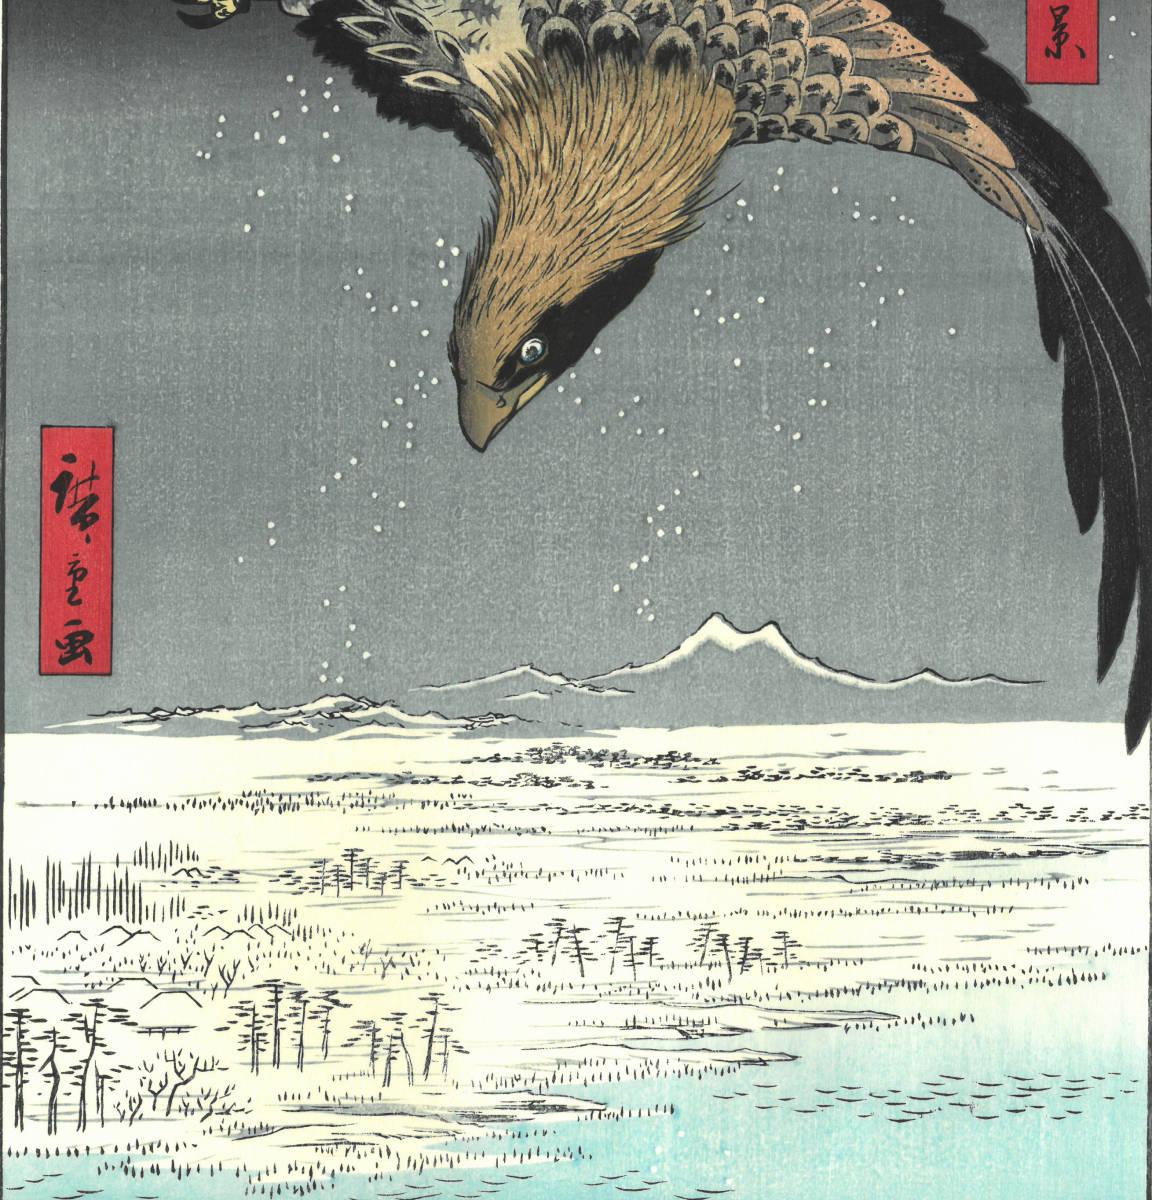 歌川広重 (Utagawa Hiroshige) 木版画 江戸百景 #108. 深川州崎十万坪  初版1856-58年頃  広重の木版画の真の素晴らしさをご堪能下さい! _画像6